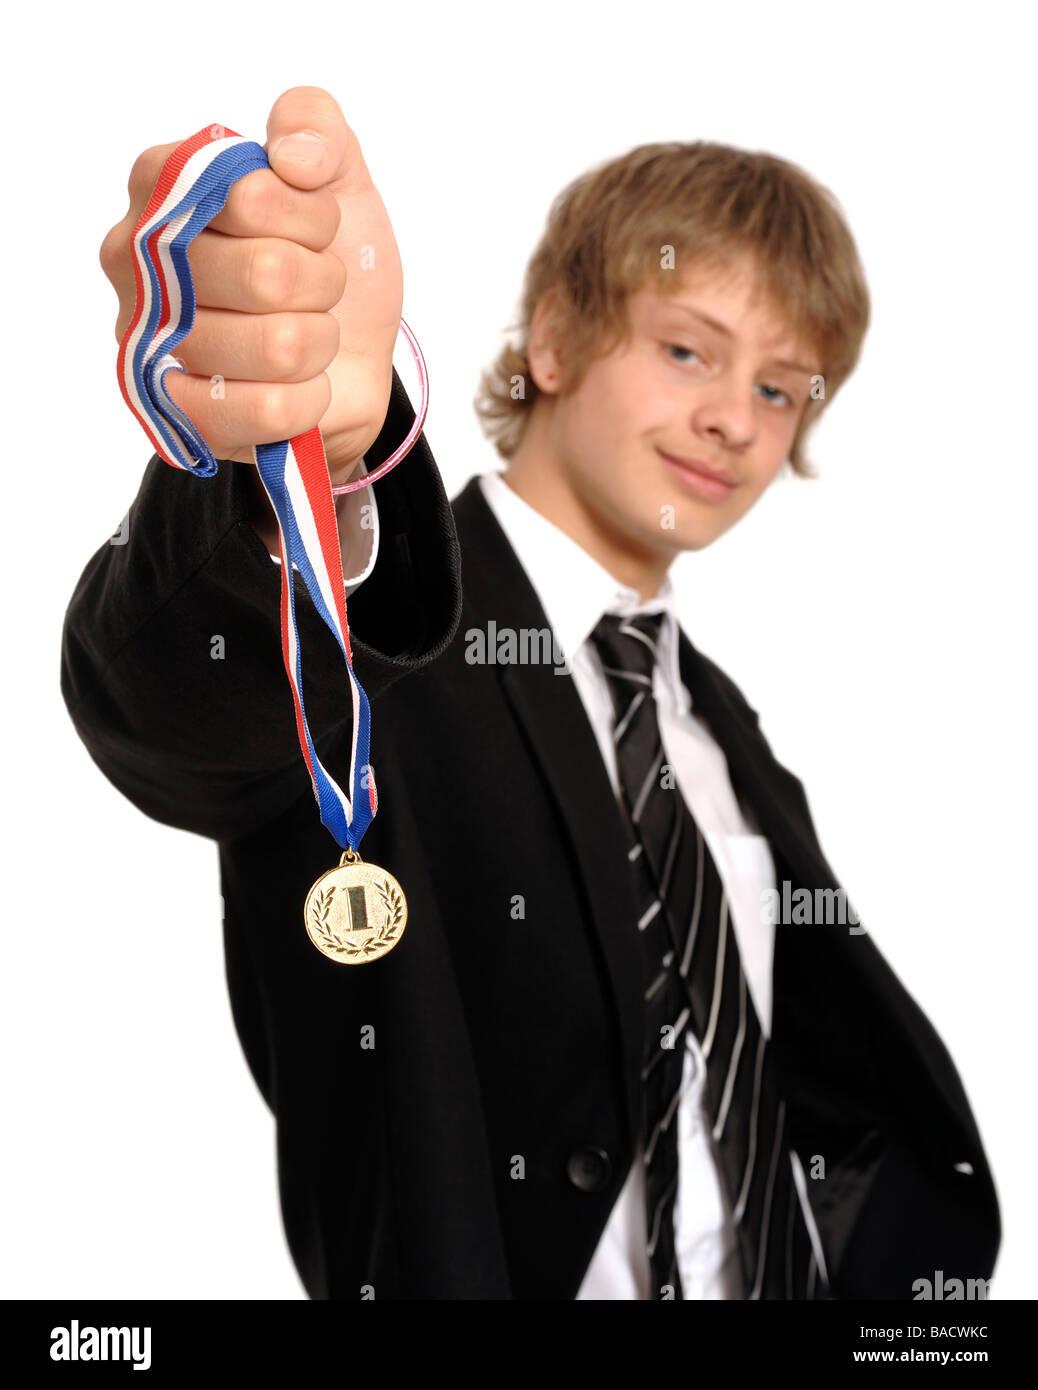 El colegial con una primera medalla de oro Imagen De Stock